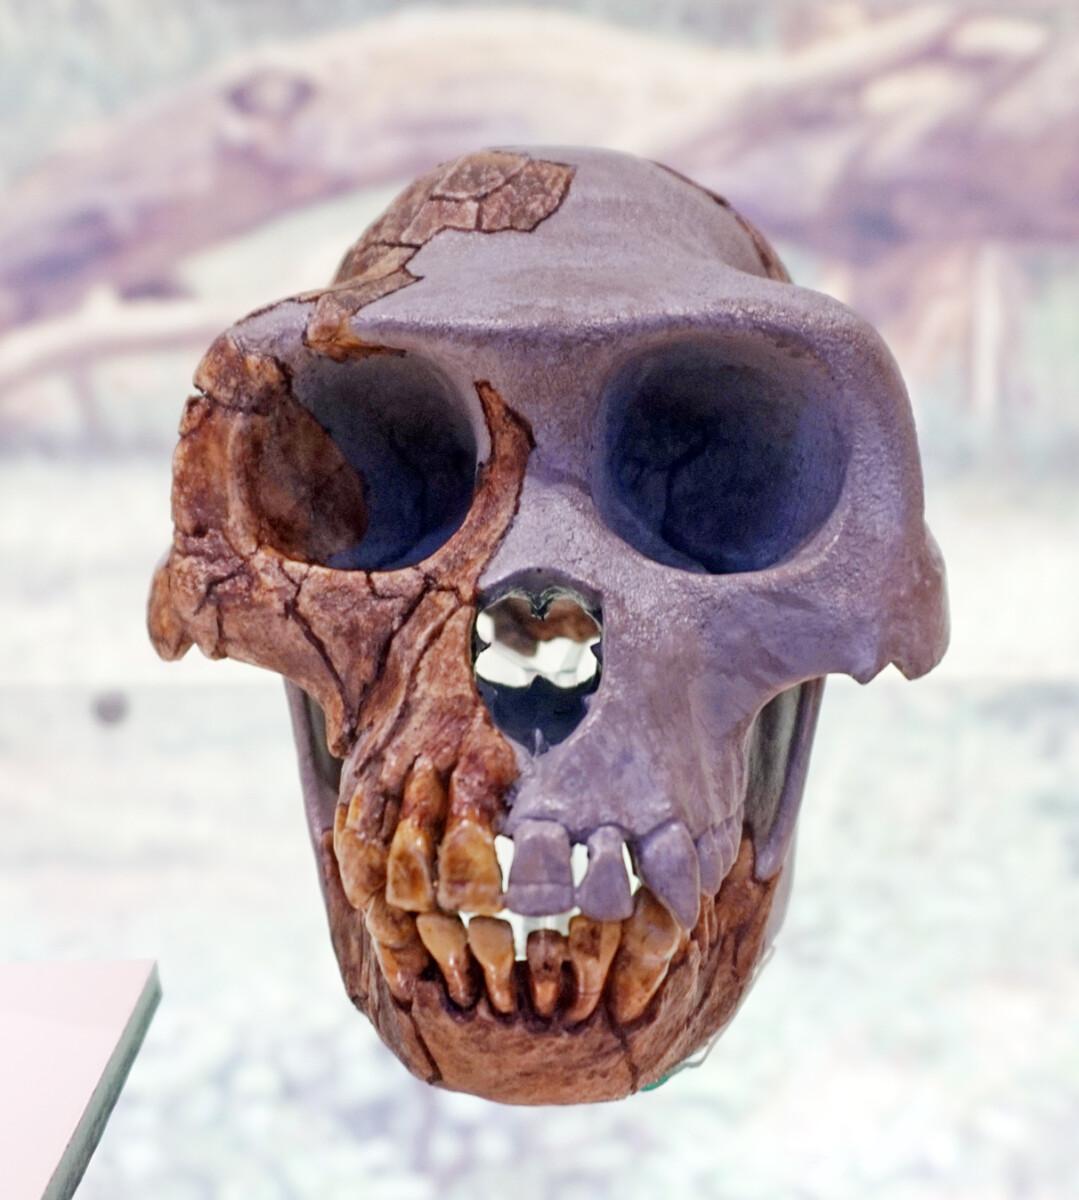 4 miljoen jaar oude hand onthult hoe de eerste mensen rechtop gingen lopen - Scientias.nl